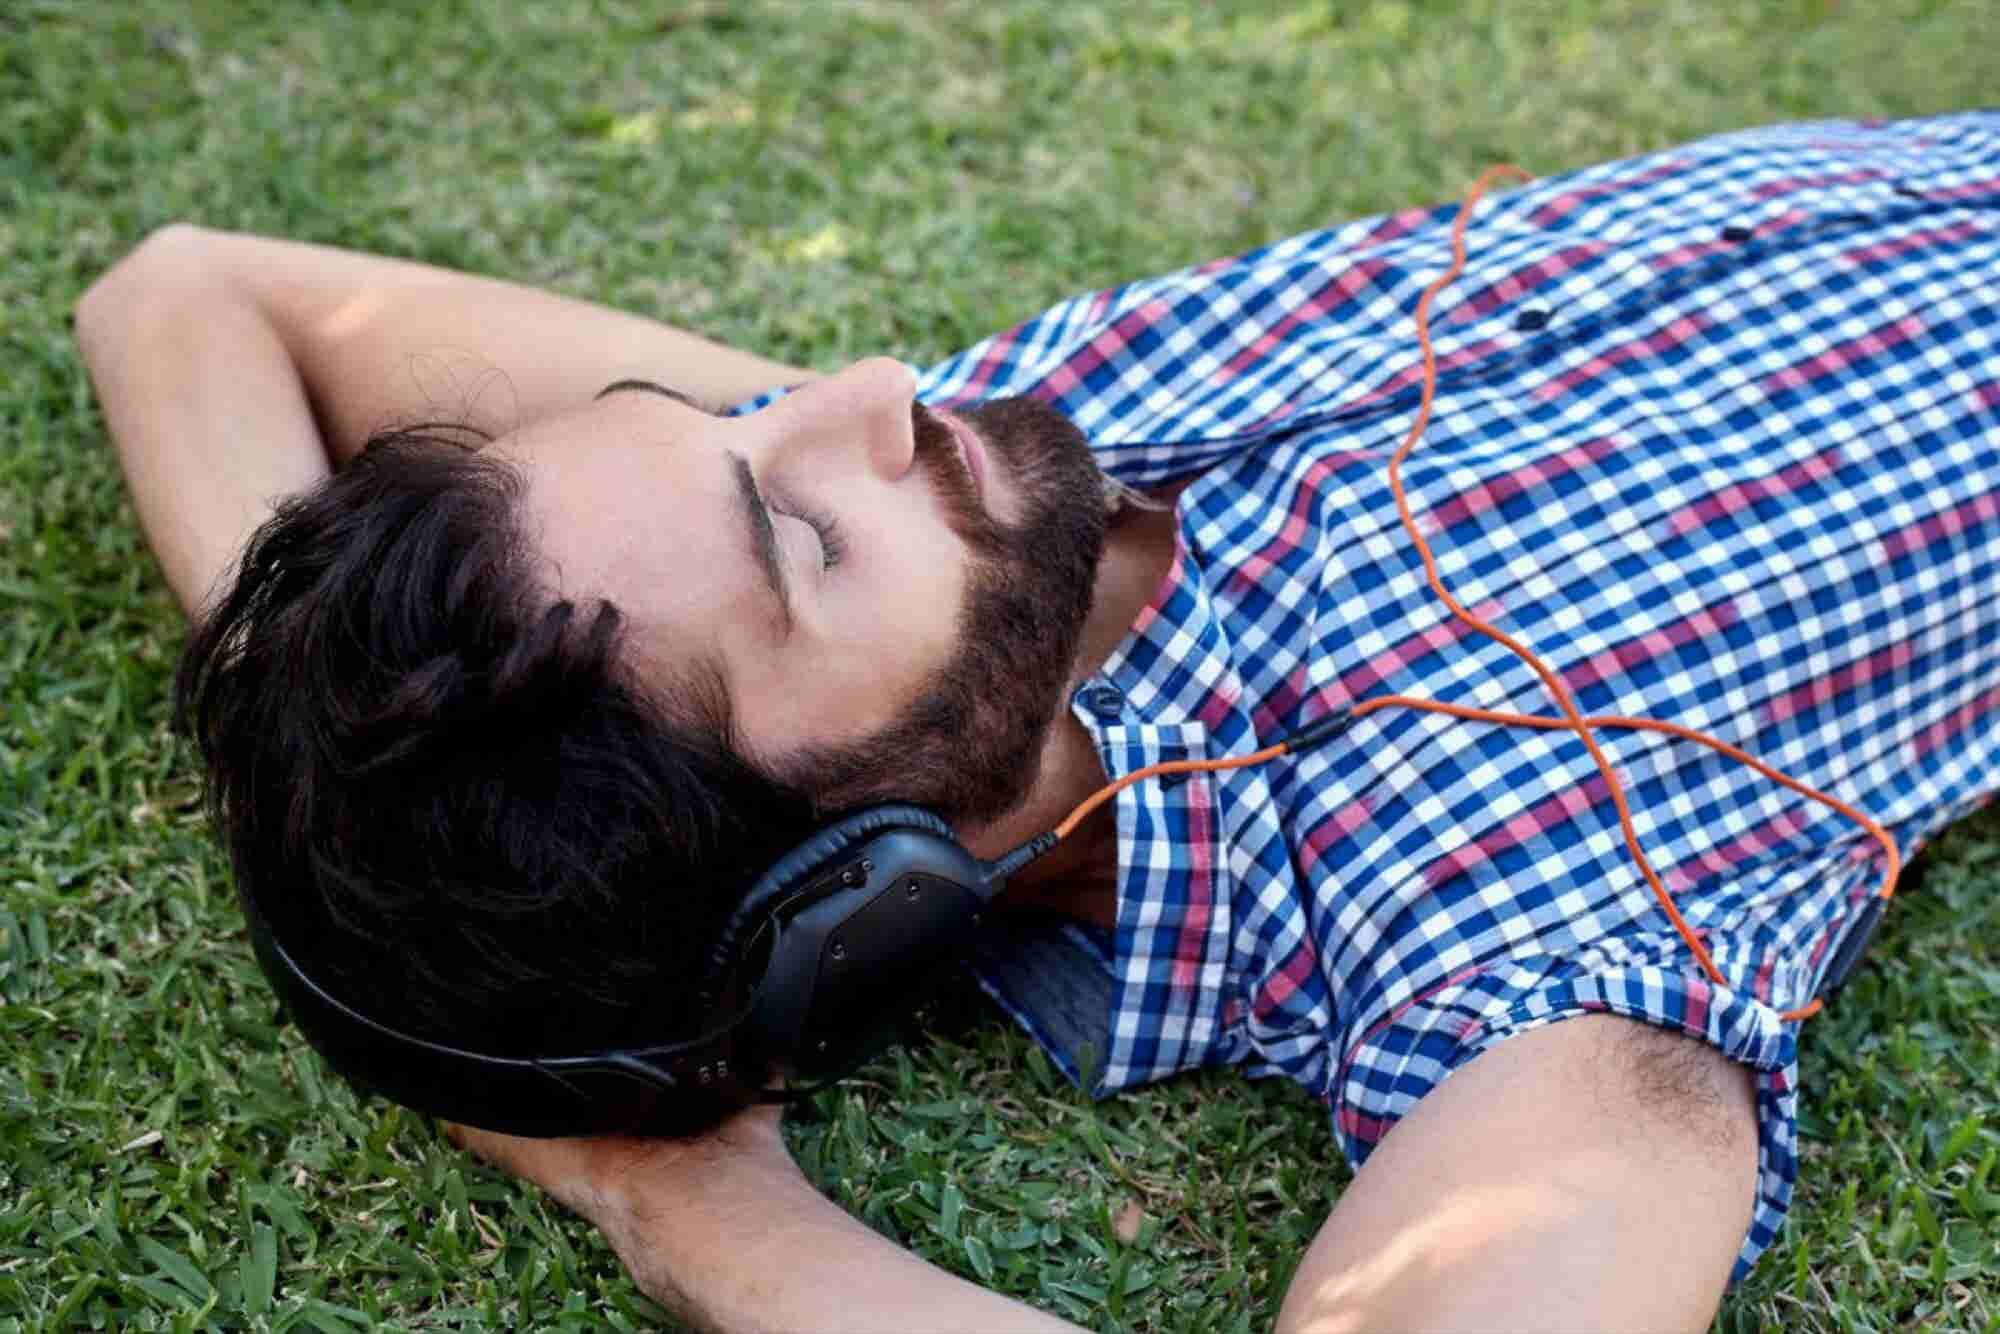 Playlist: Música para dormir con tranquilidad